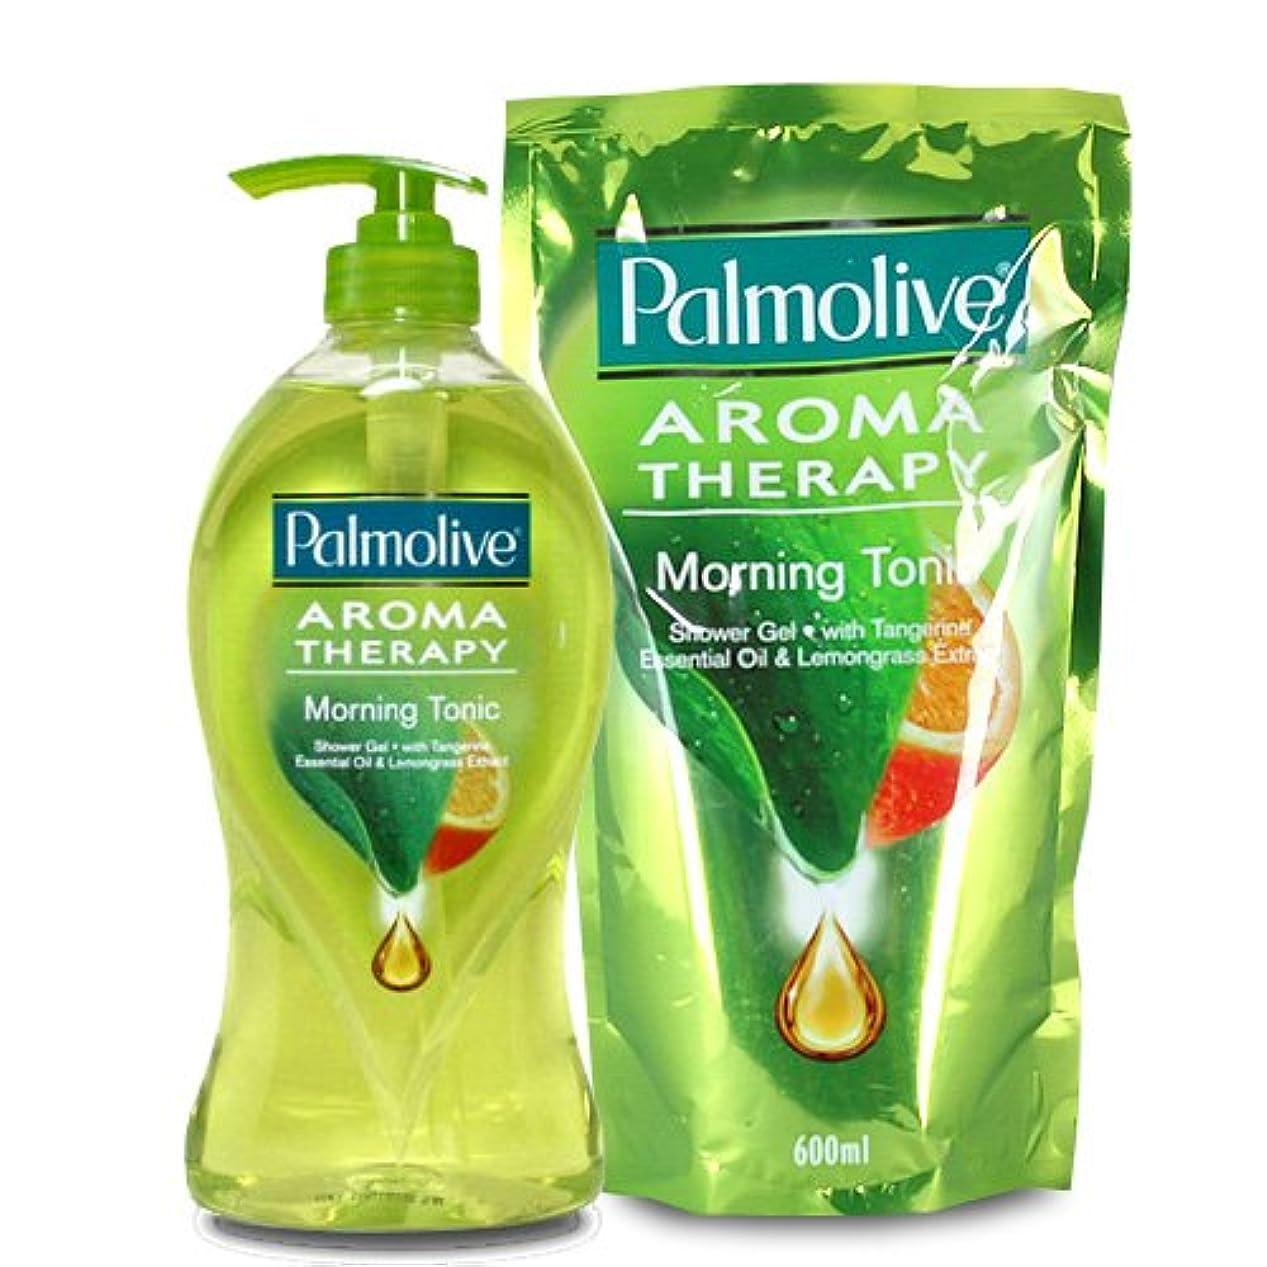 ジョリーレスリング舌な【Palmolive】パルモリーブ アロマセラピーシャワージェル ボトルと詰め替えのセット (モーニングトニック)